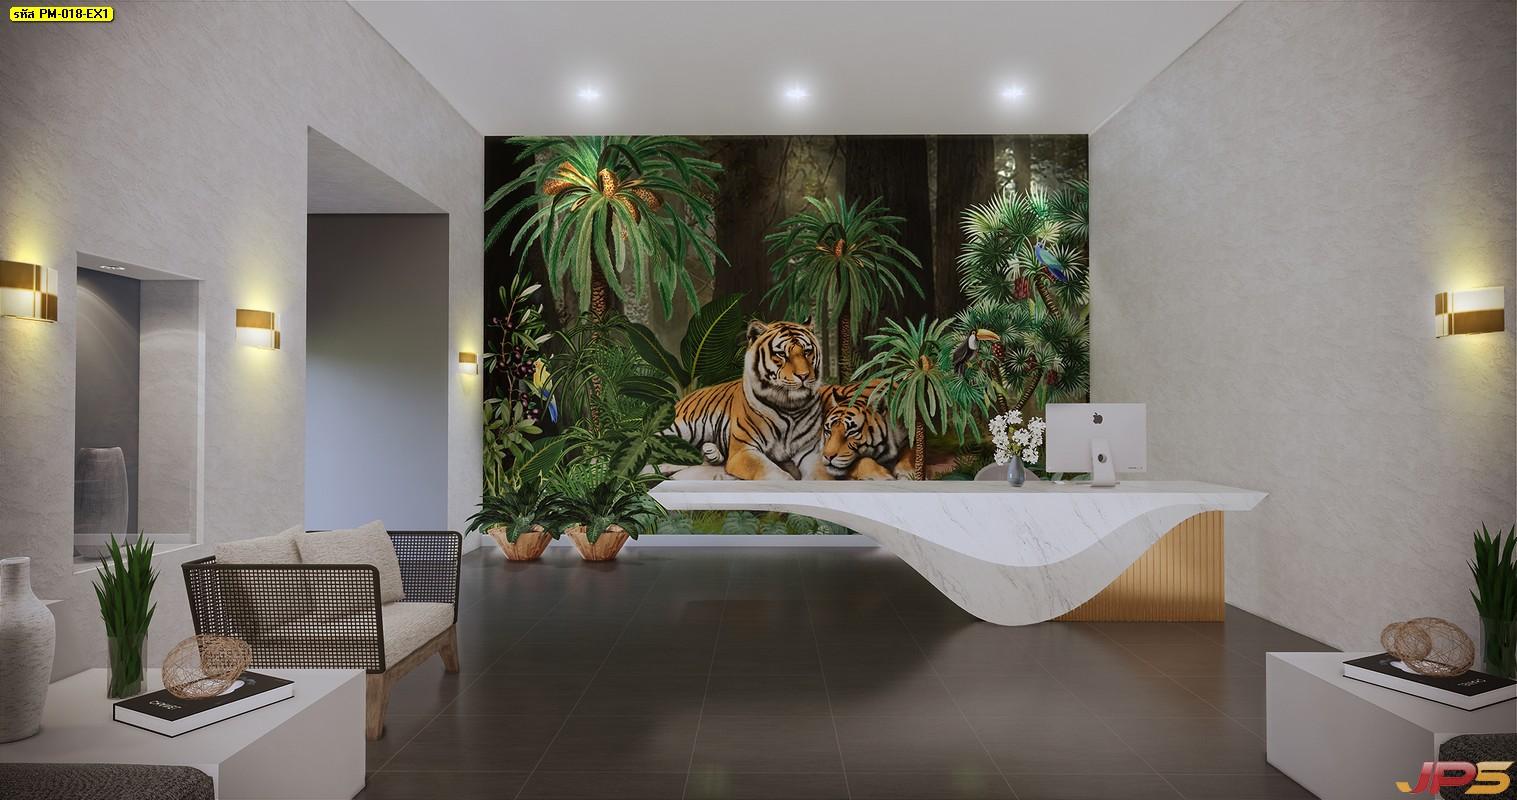 วอลเปเปอร์สั่งพิมพ์ตามแบบ ลายเสือนอนคู่กันในสวนป่าเขียวขจี